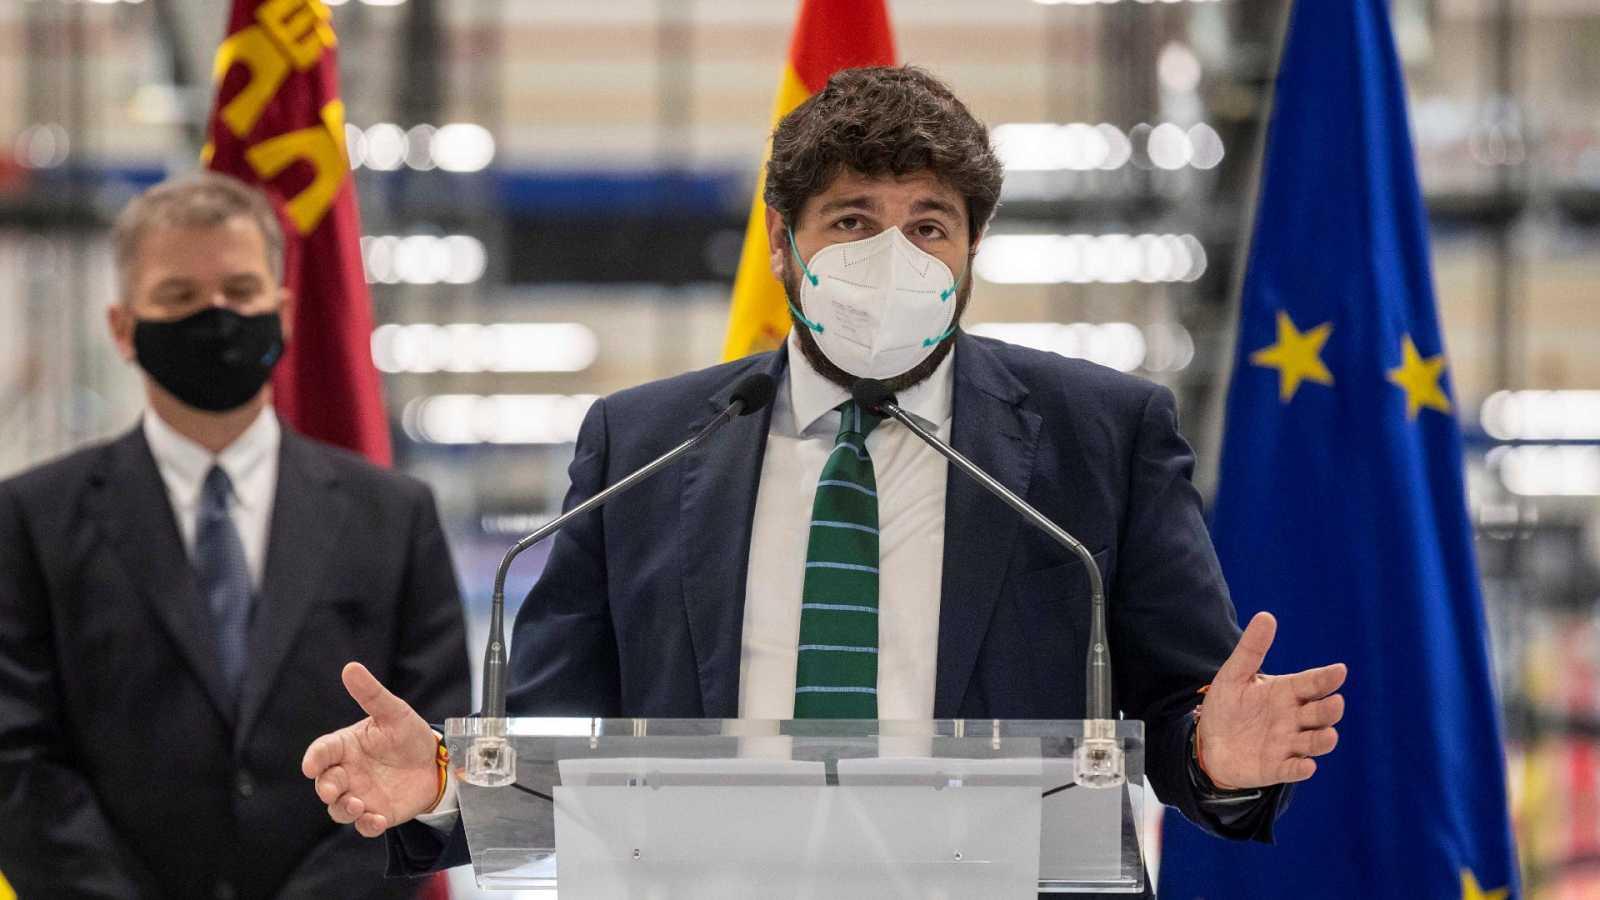 El PSOE denuncia por cohecho a López Miras y los exdiputados de Cs que hicieron fracasar la moción en Murcia